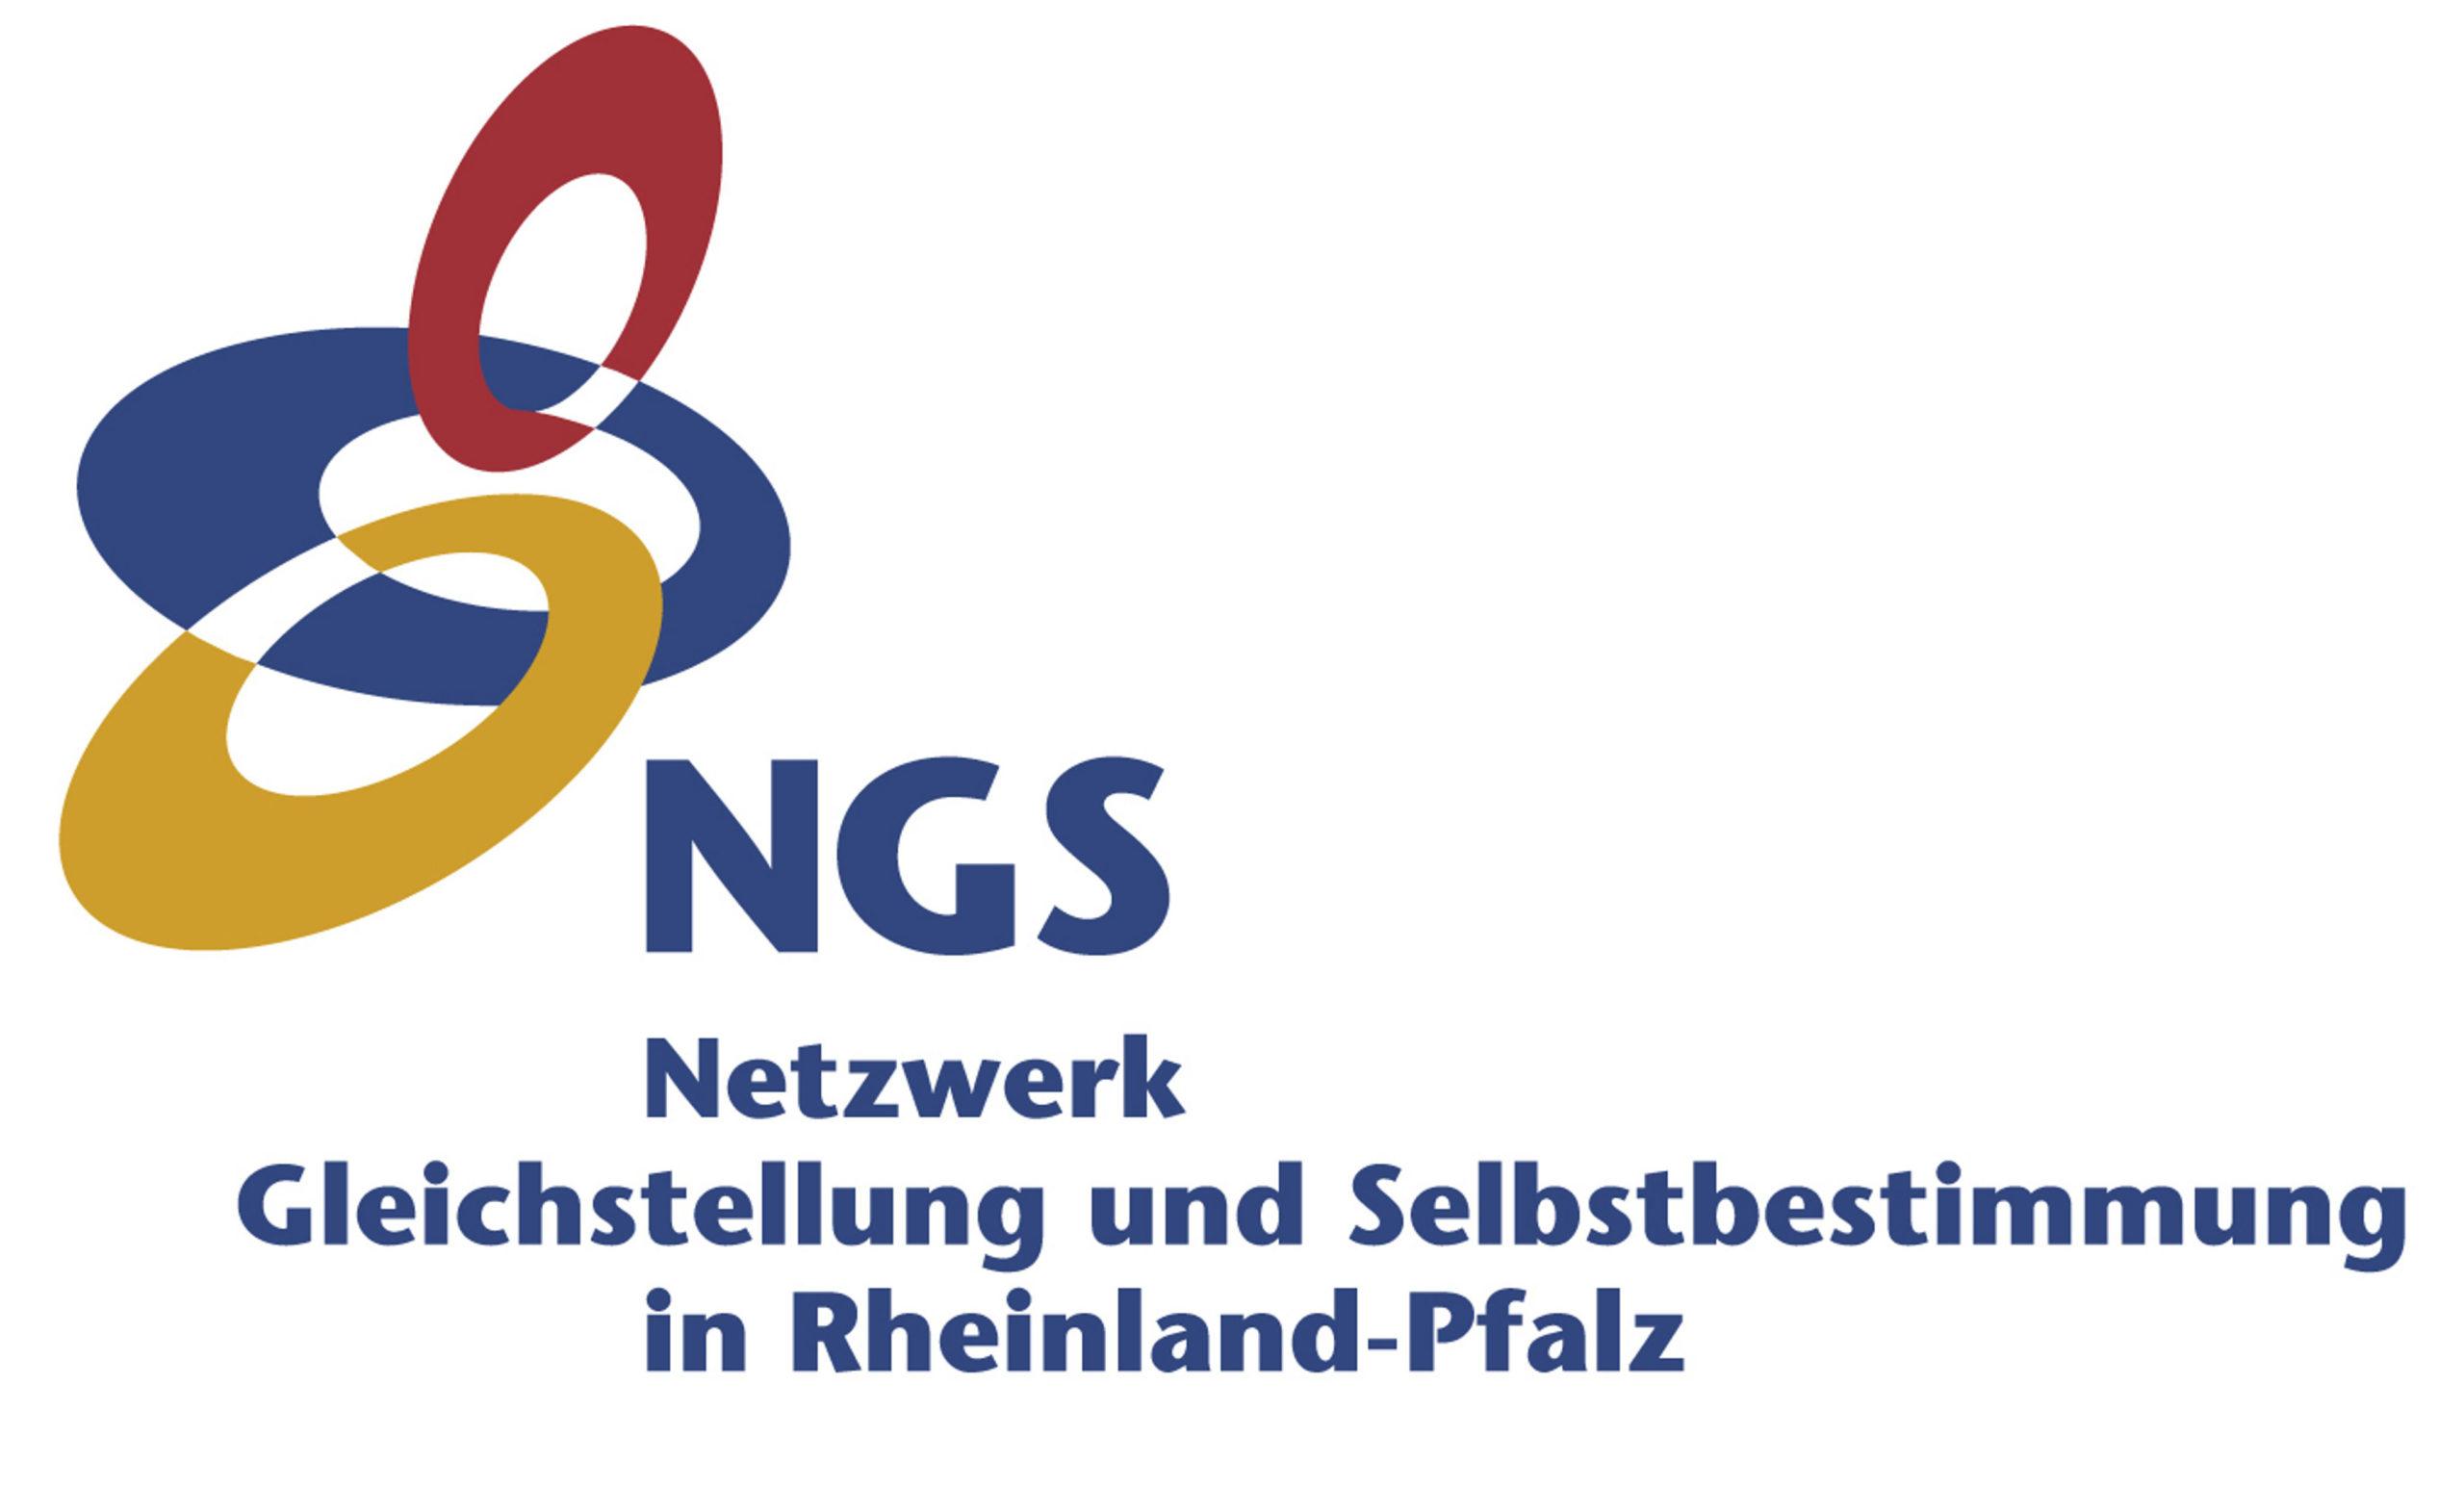 Logo des Netzwerkes Gleichstellung und Selbstbestimmung Rheinland-Pfalz